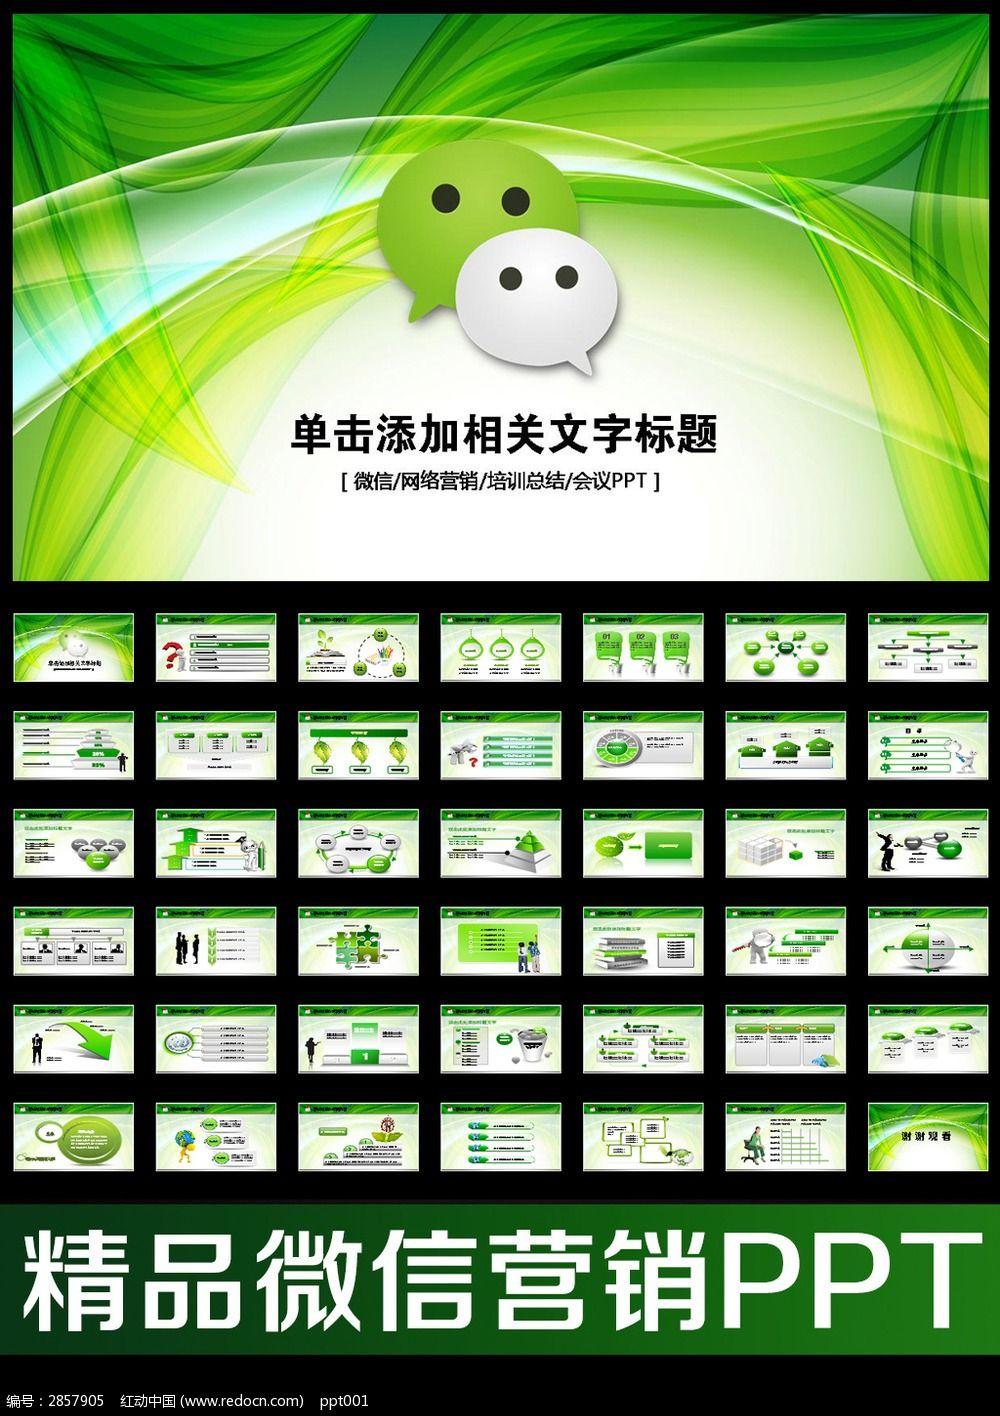 微信微网营销业绩报告动态PPT模板图片